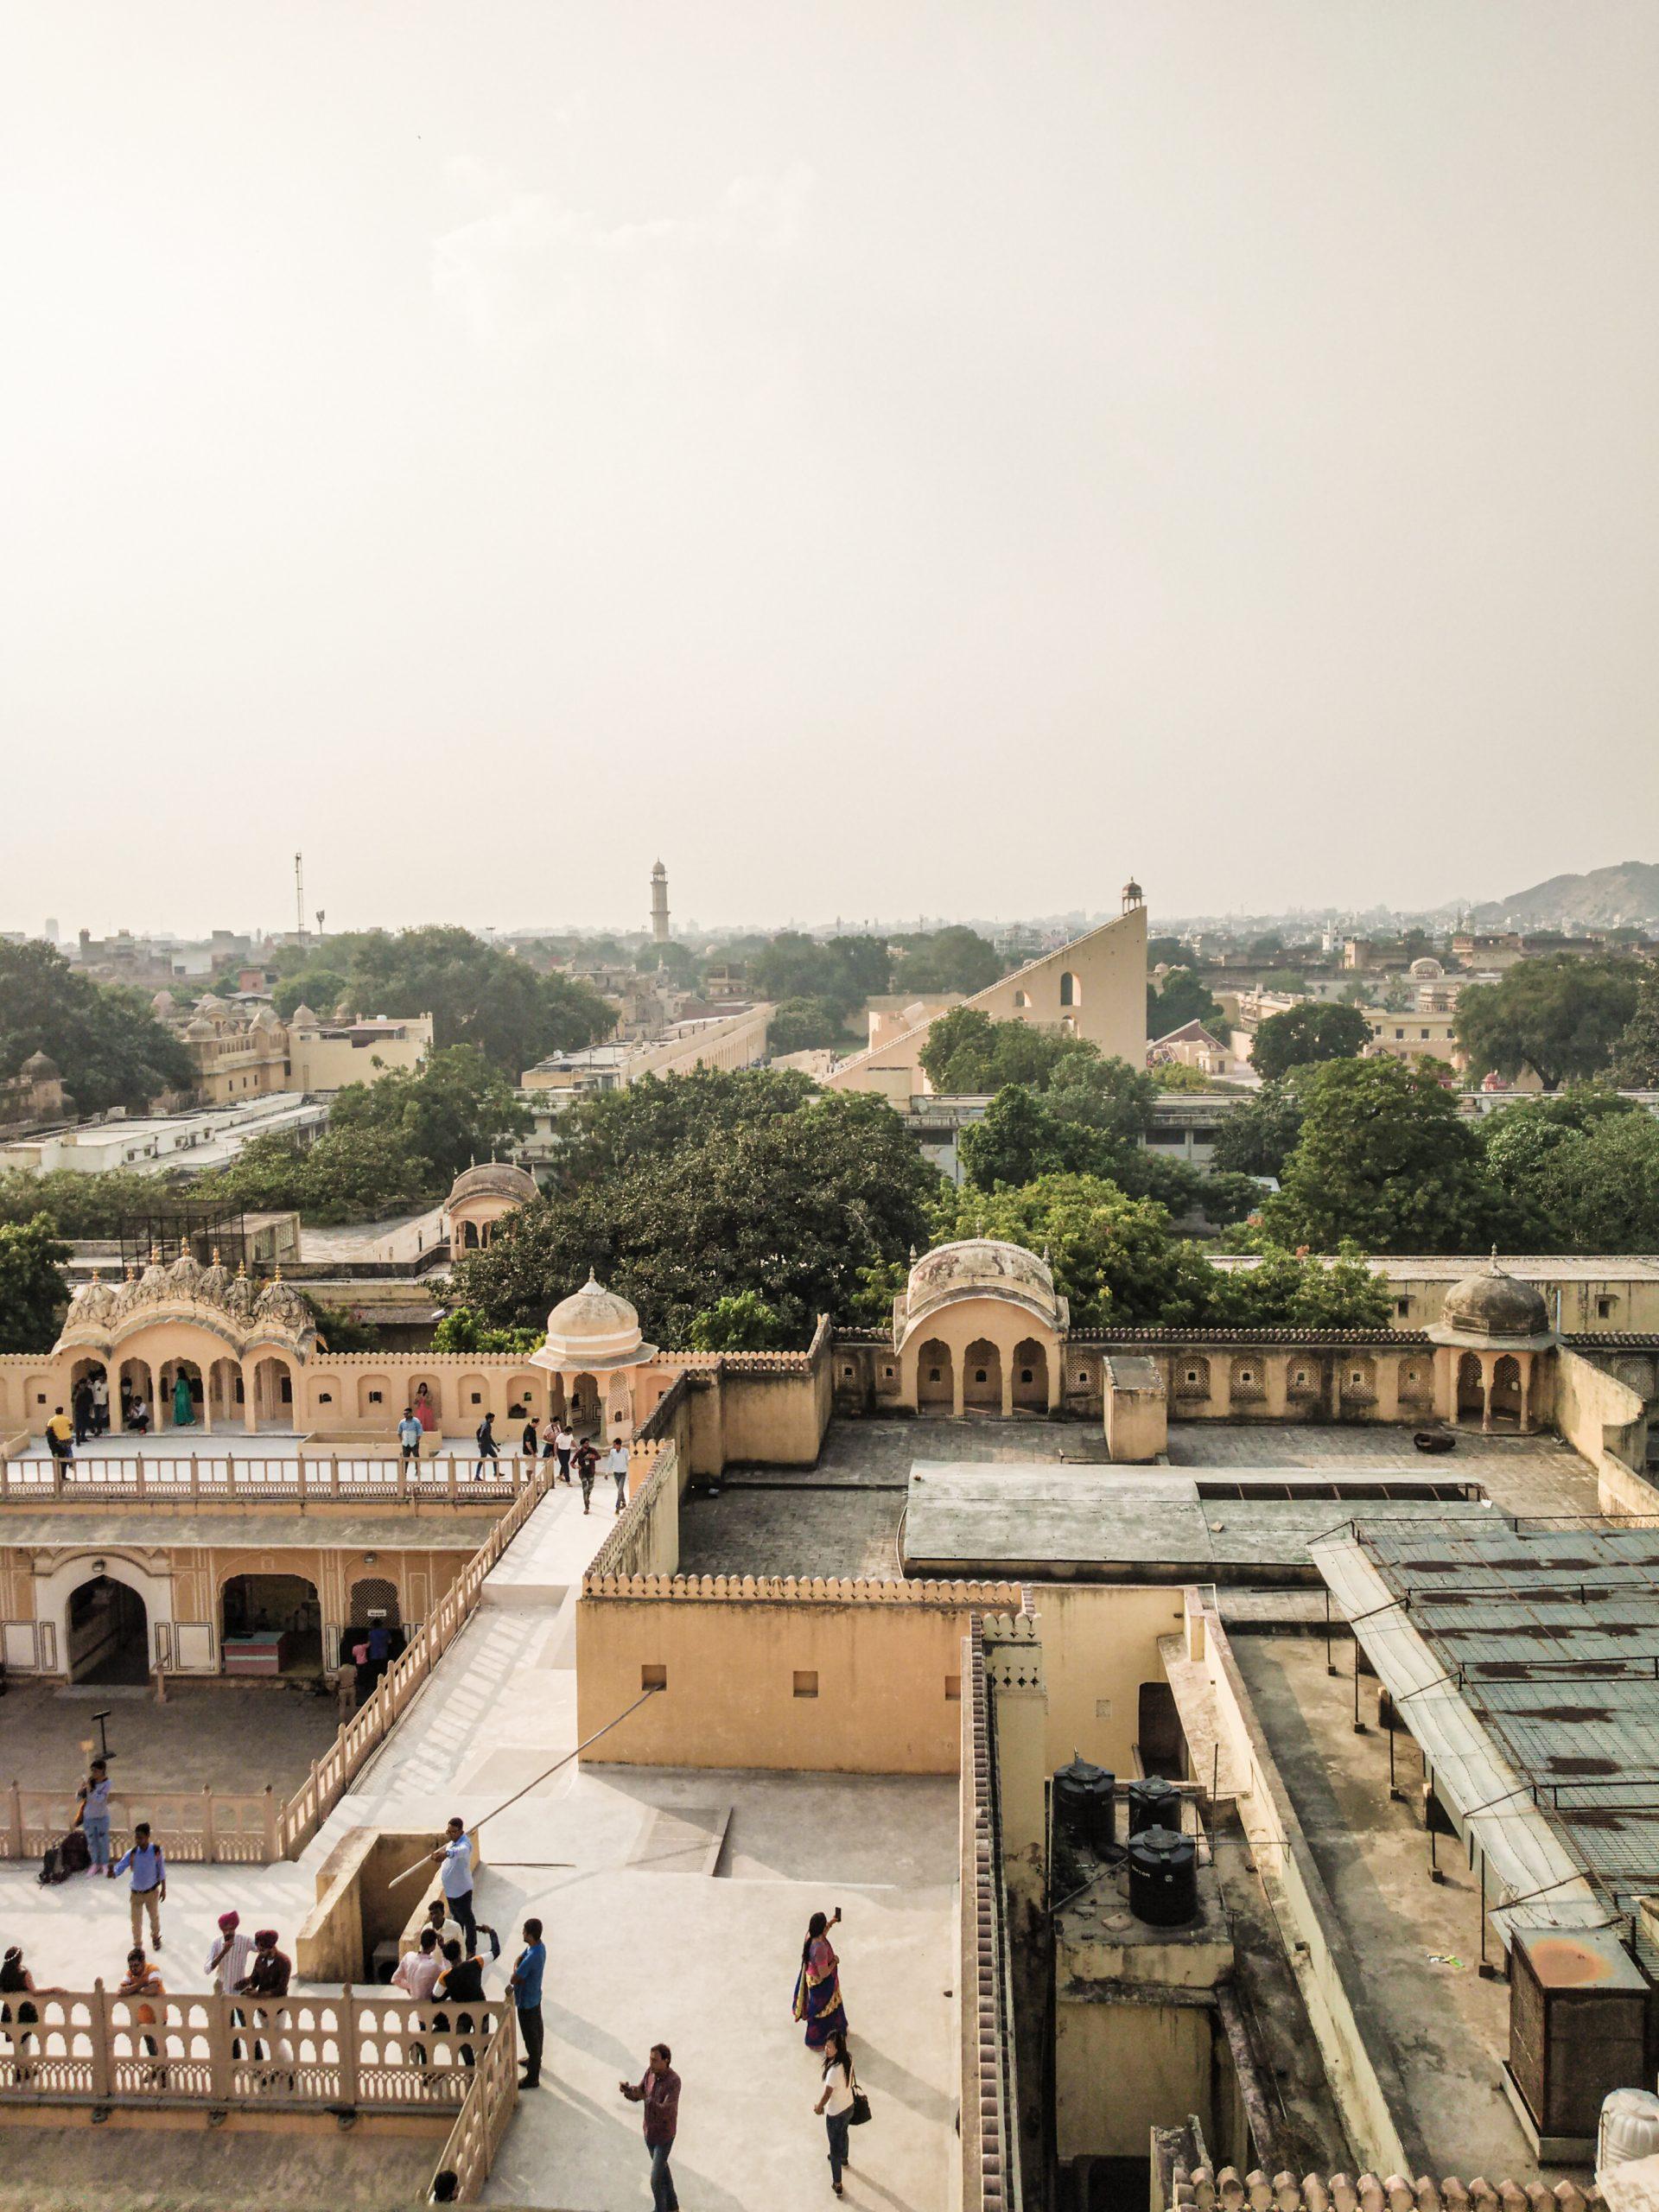 Aerial view of Hawa Mahal in Jaipur